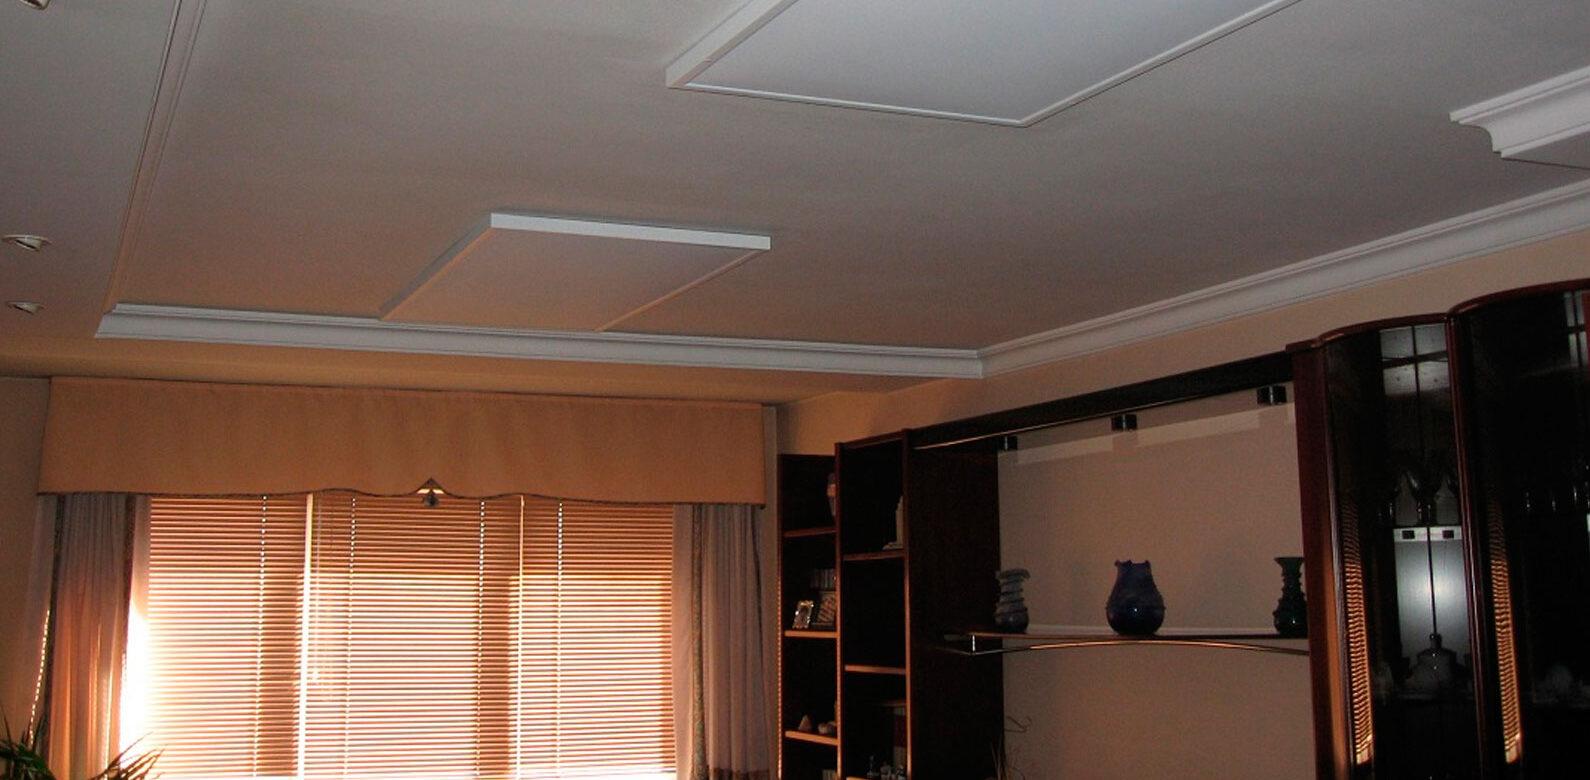 calefaccion-infrarrojos-interior-salon